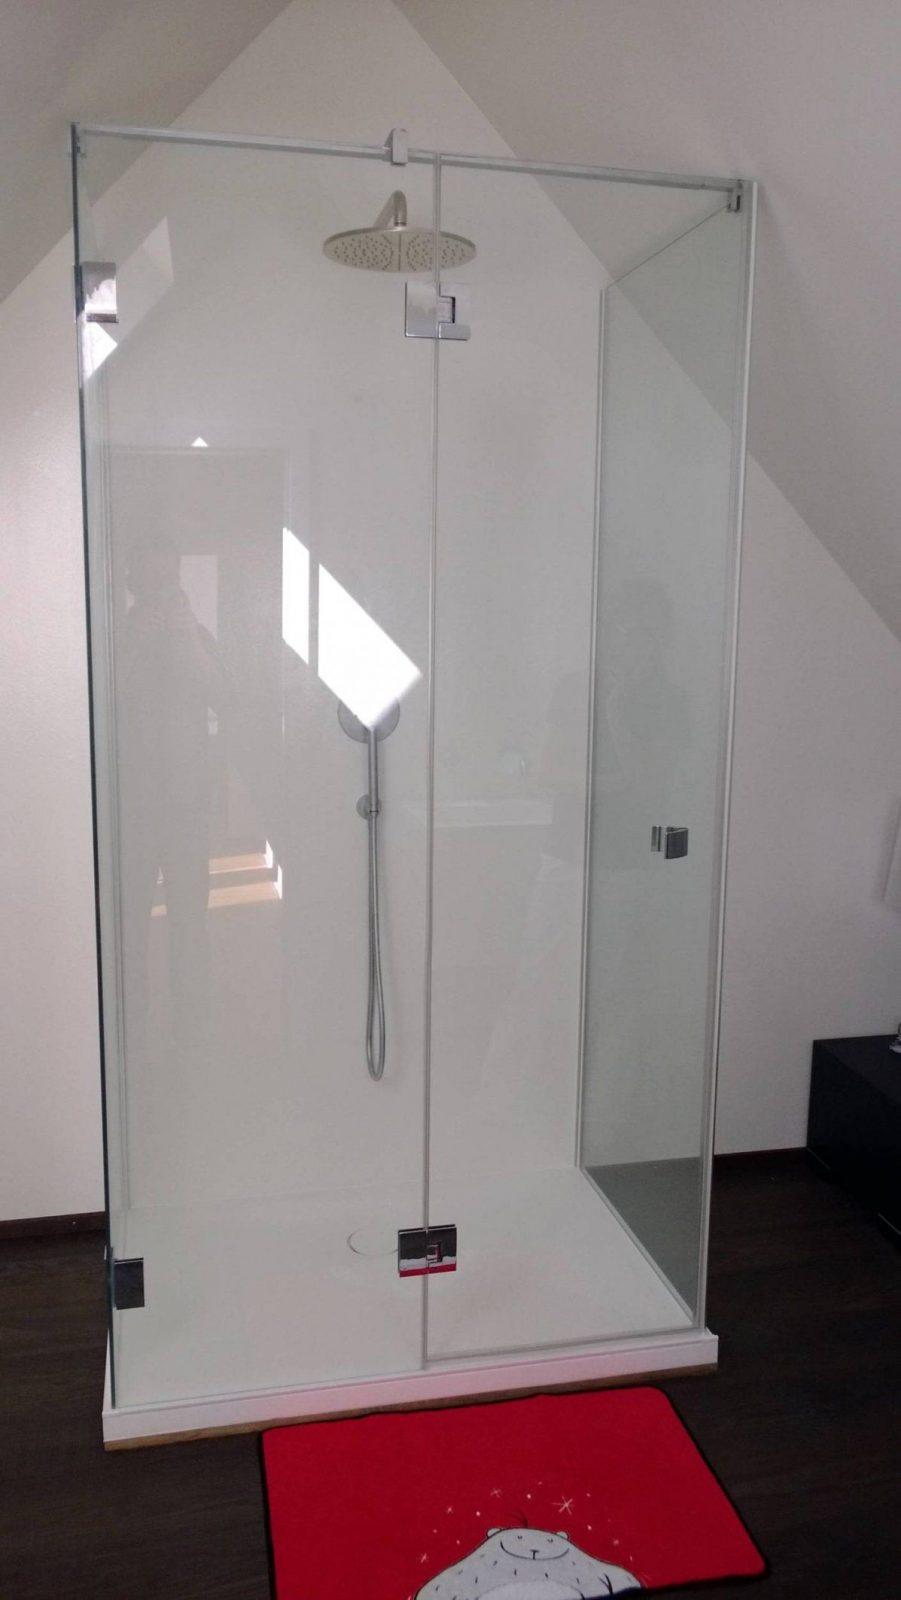 kleines bad mit dachschr ge birenbach 73102 bw von dusche dachschr ge kleines bad photo haus. Black Bedroom Furniture Sets. Home Design Ideas